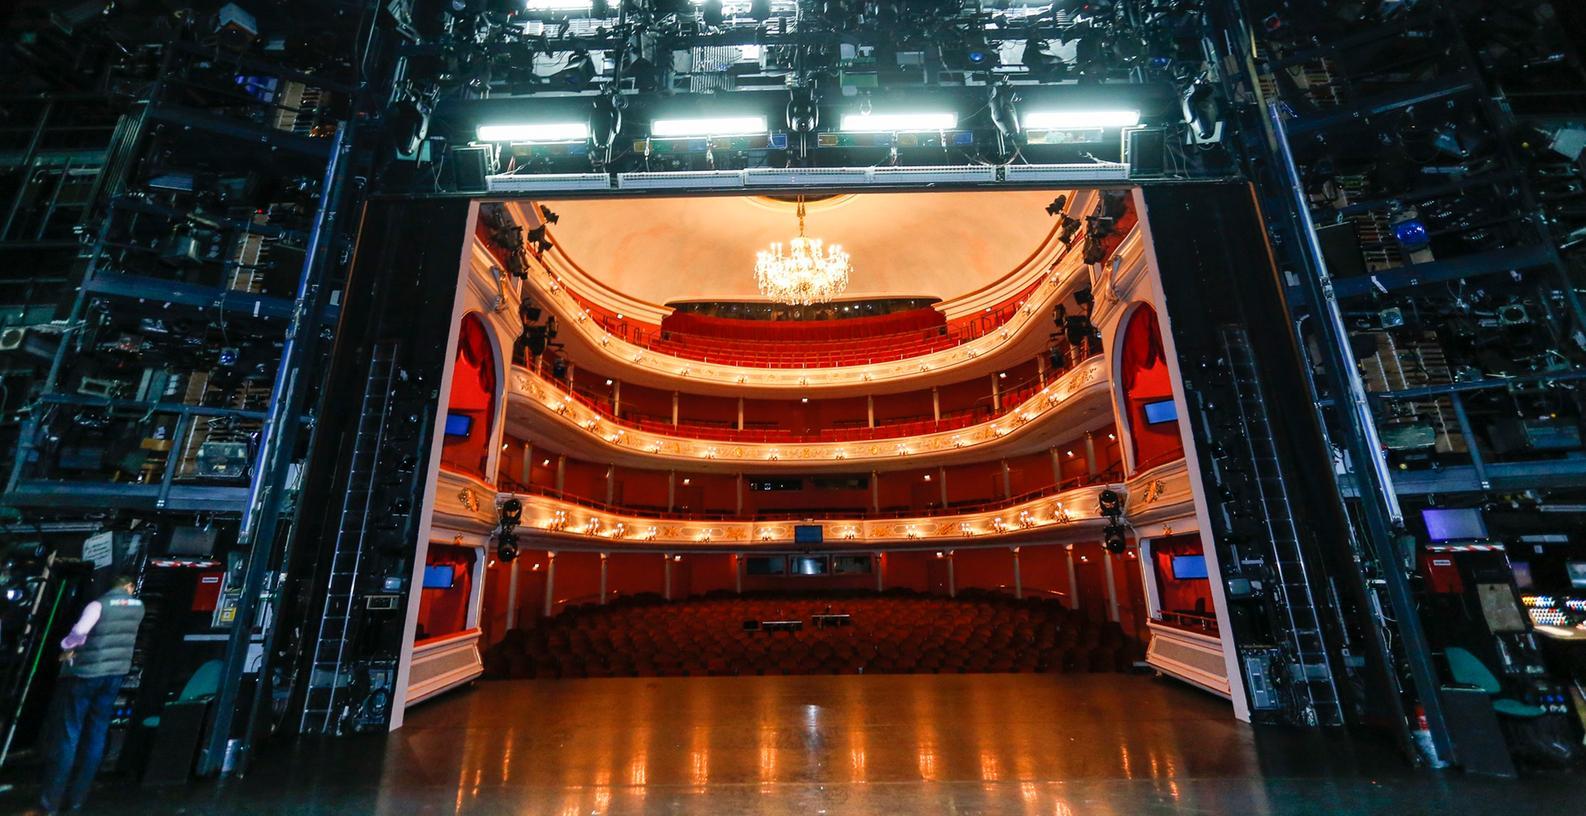 Das Opernhaus in Nürnberg muss saniert werden - die Kosten schlagen sich auch im Haushalt der Stadt nieder.